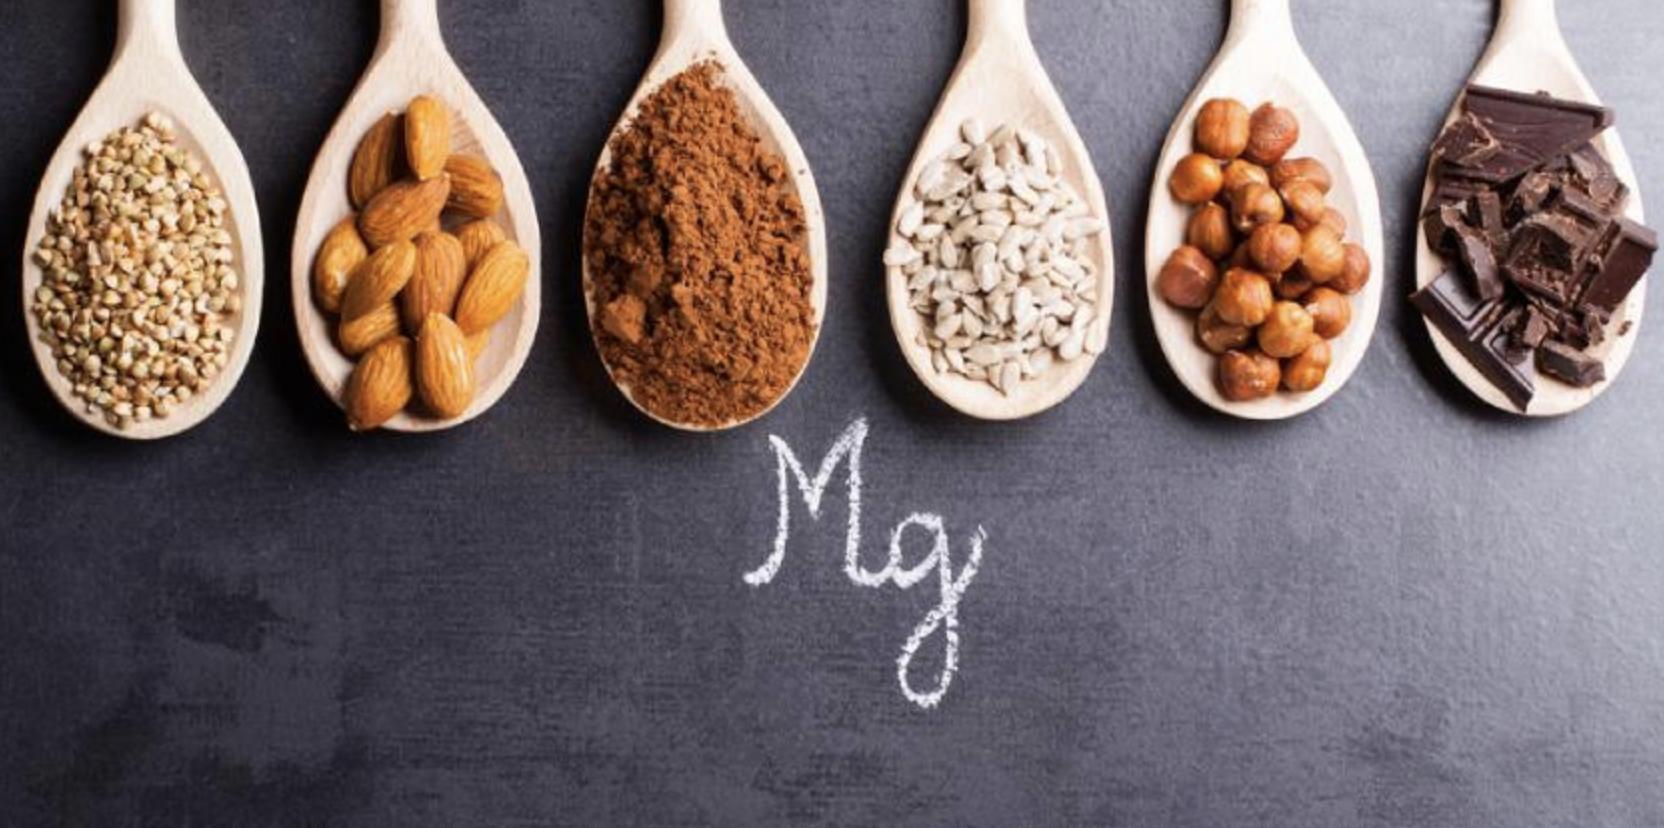 magnesio,que beneficios tiene el magnesio,como se toma el magnesio,que alimentos contienen magnesio,en bueno tomar magnesio,herbolario online,tratamientos naturales,productos naturales